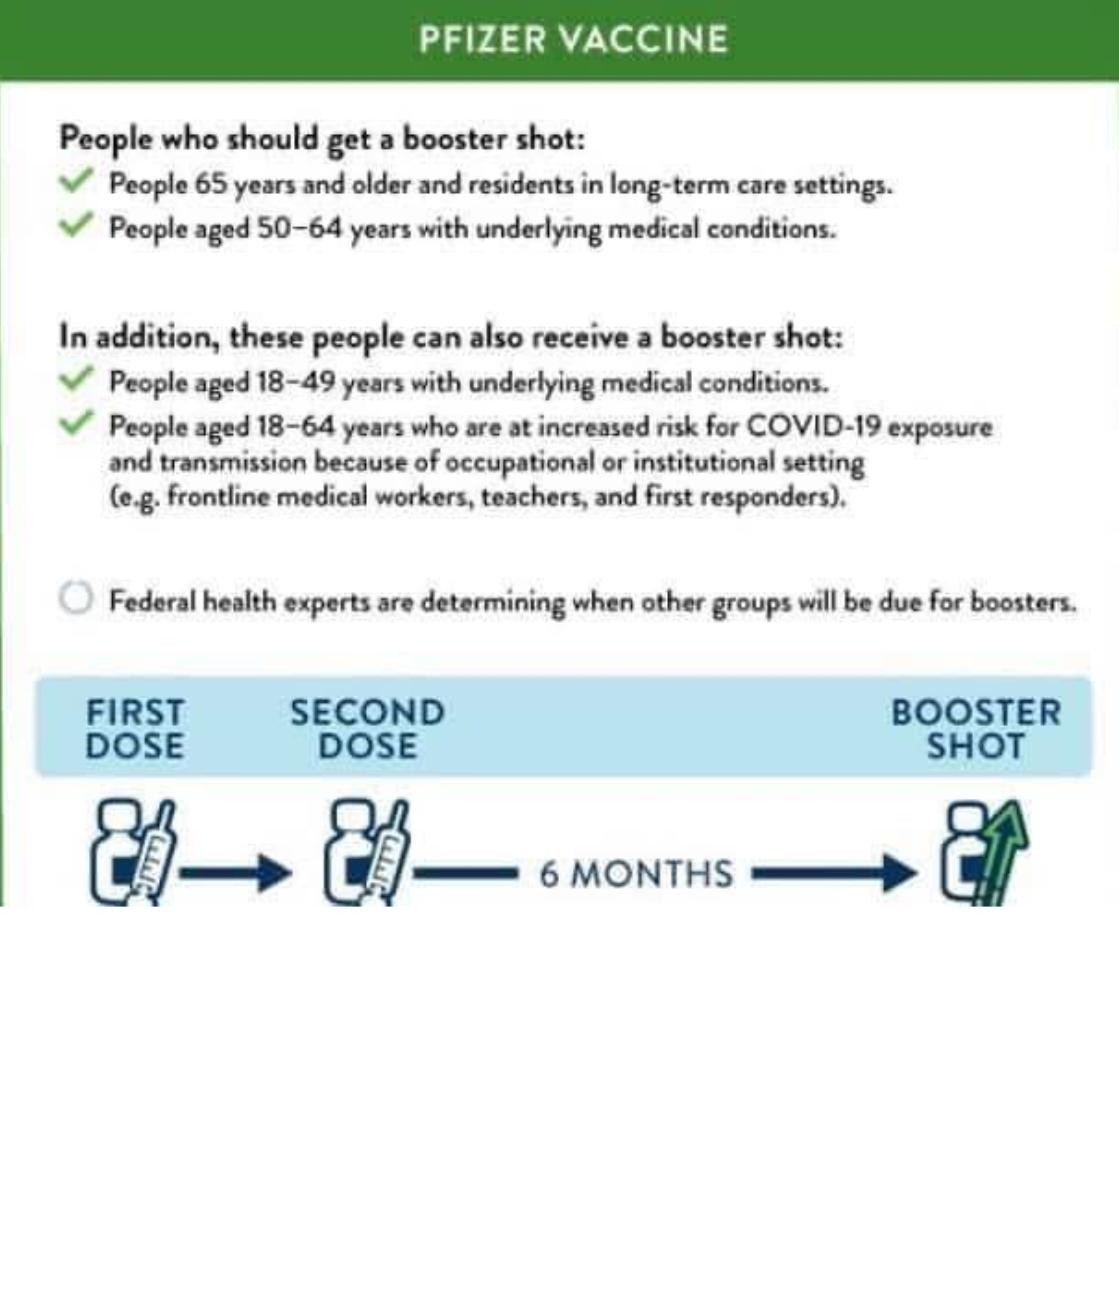 Pfhizer Vaccine